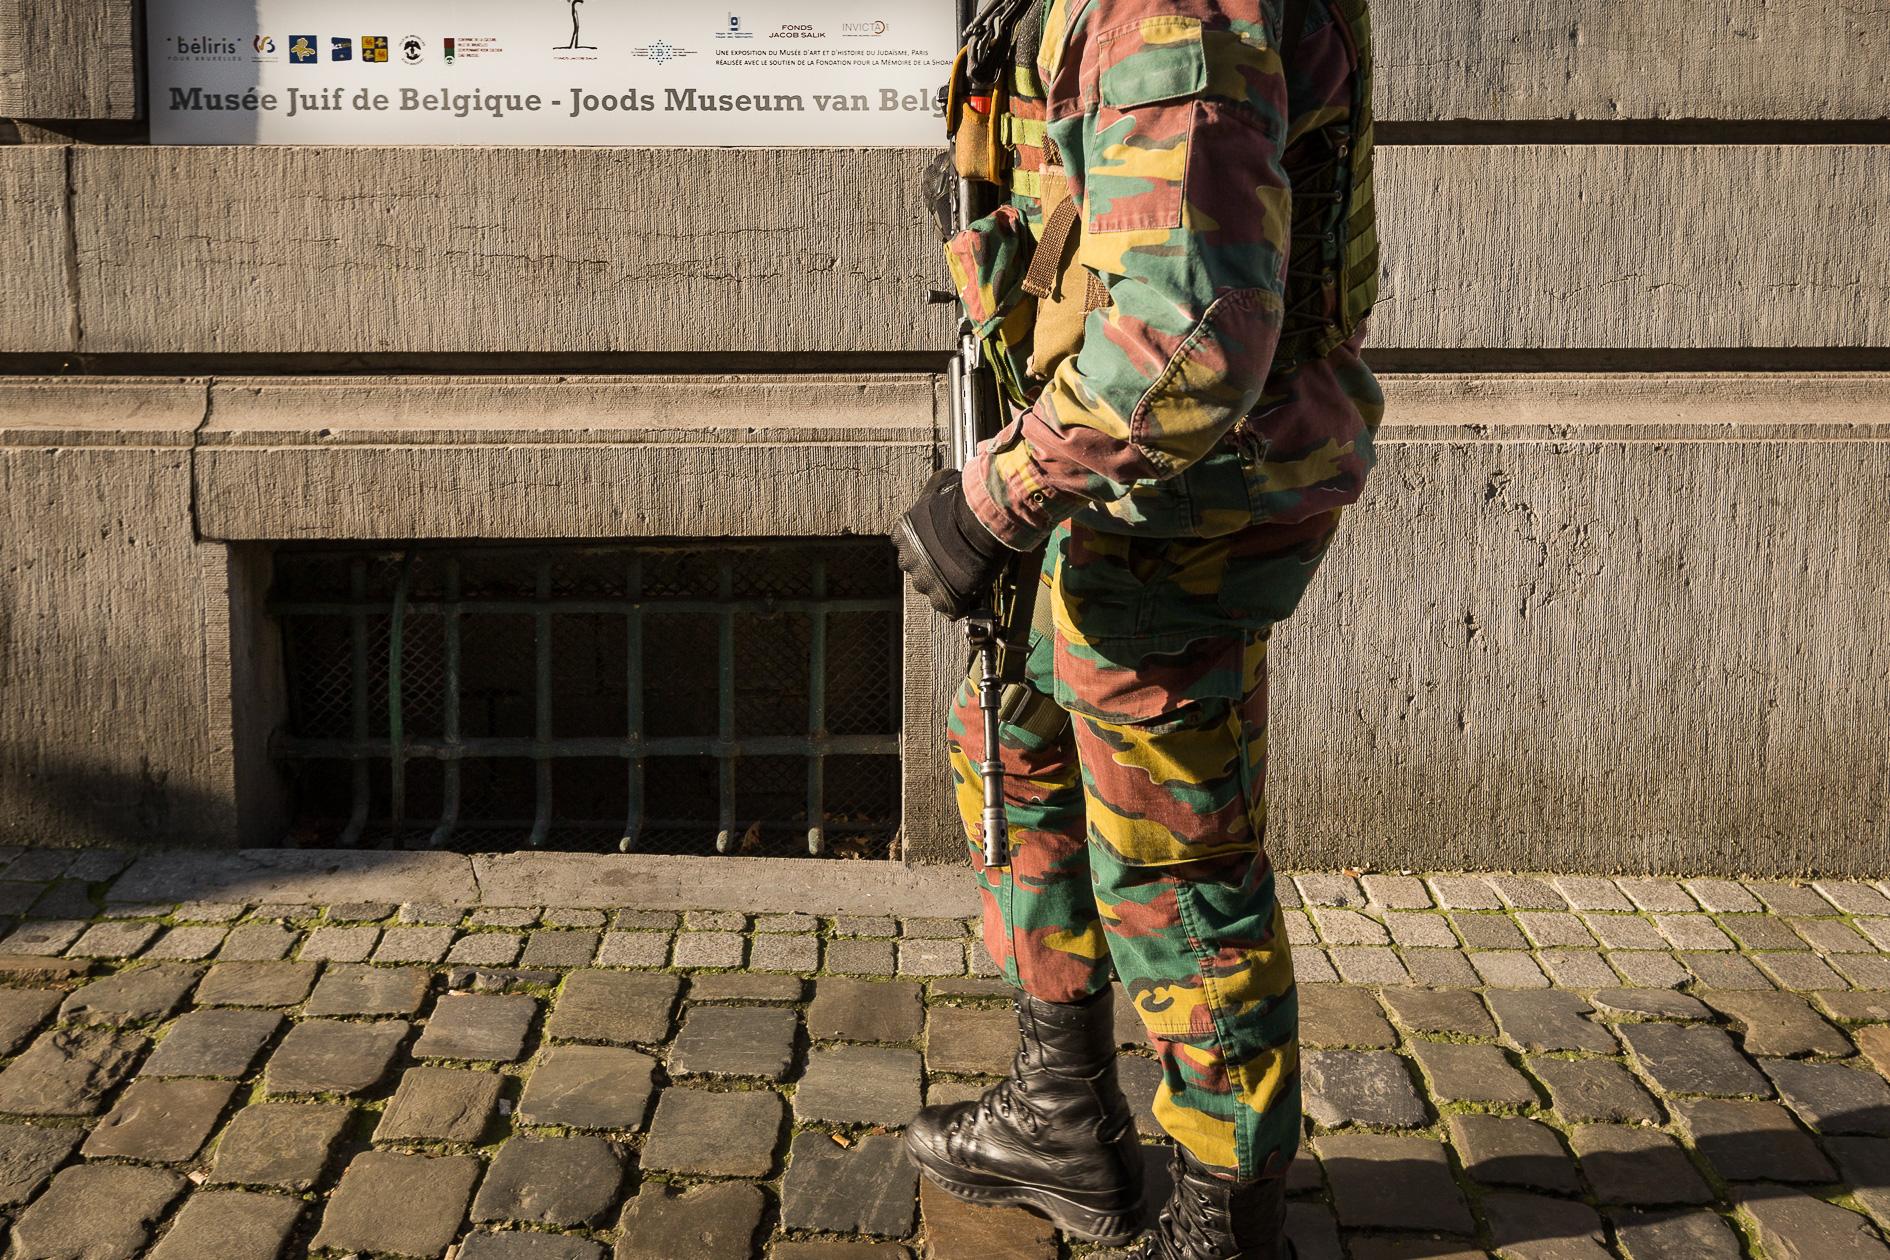 Militaire bewaking Joods Museum Brussel